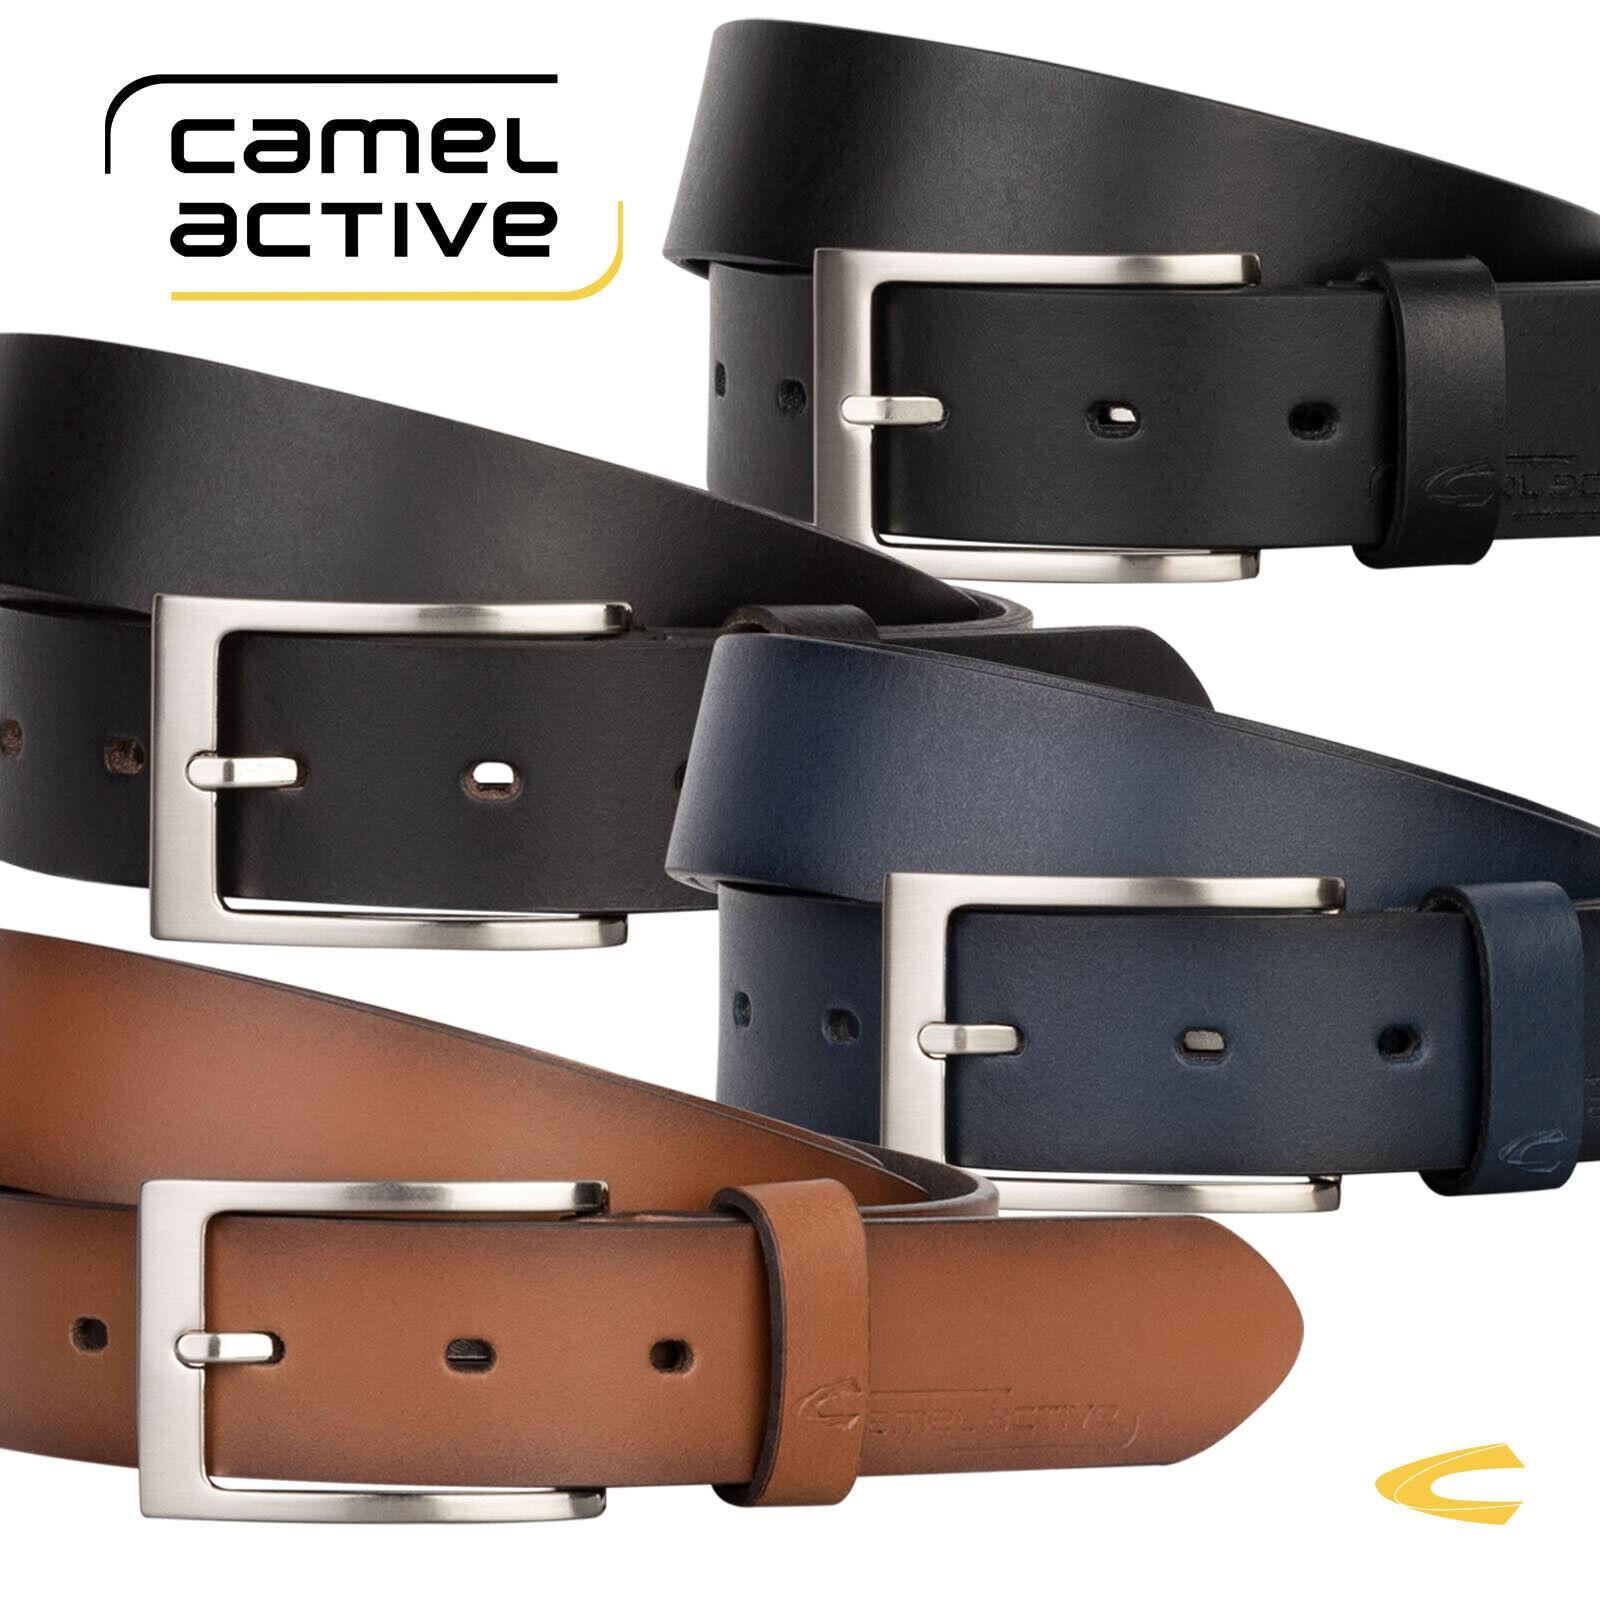 CAMEL ACTIVE Ledergürtel Herren Damen Rindledergürtel Gürtel 3,2 cm Breit